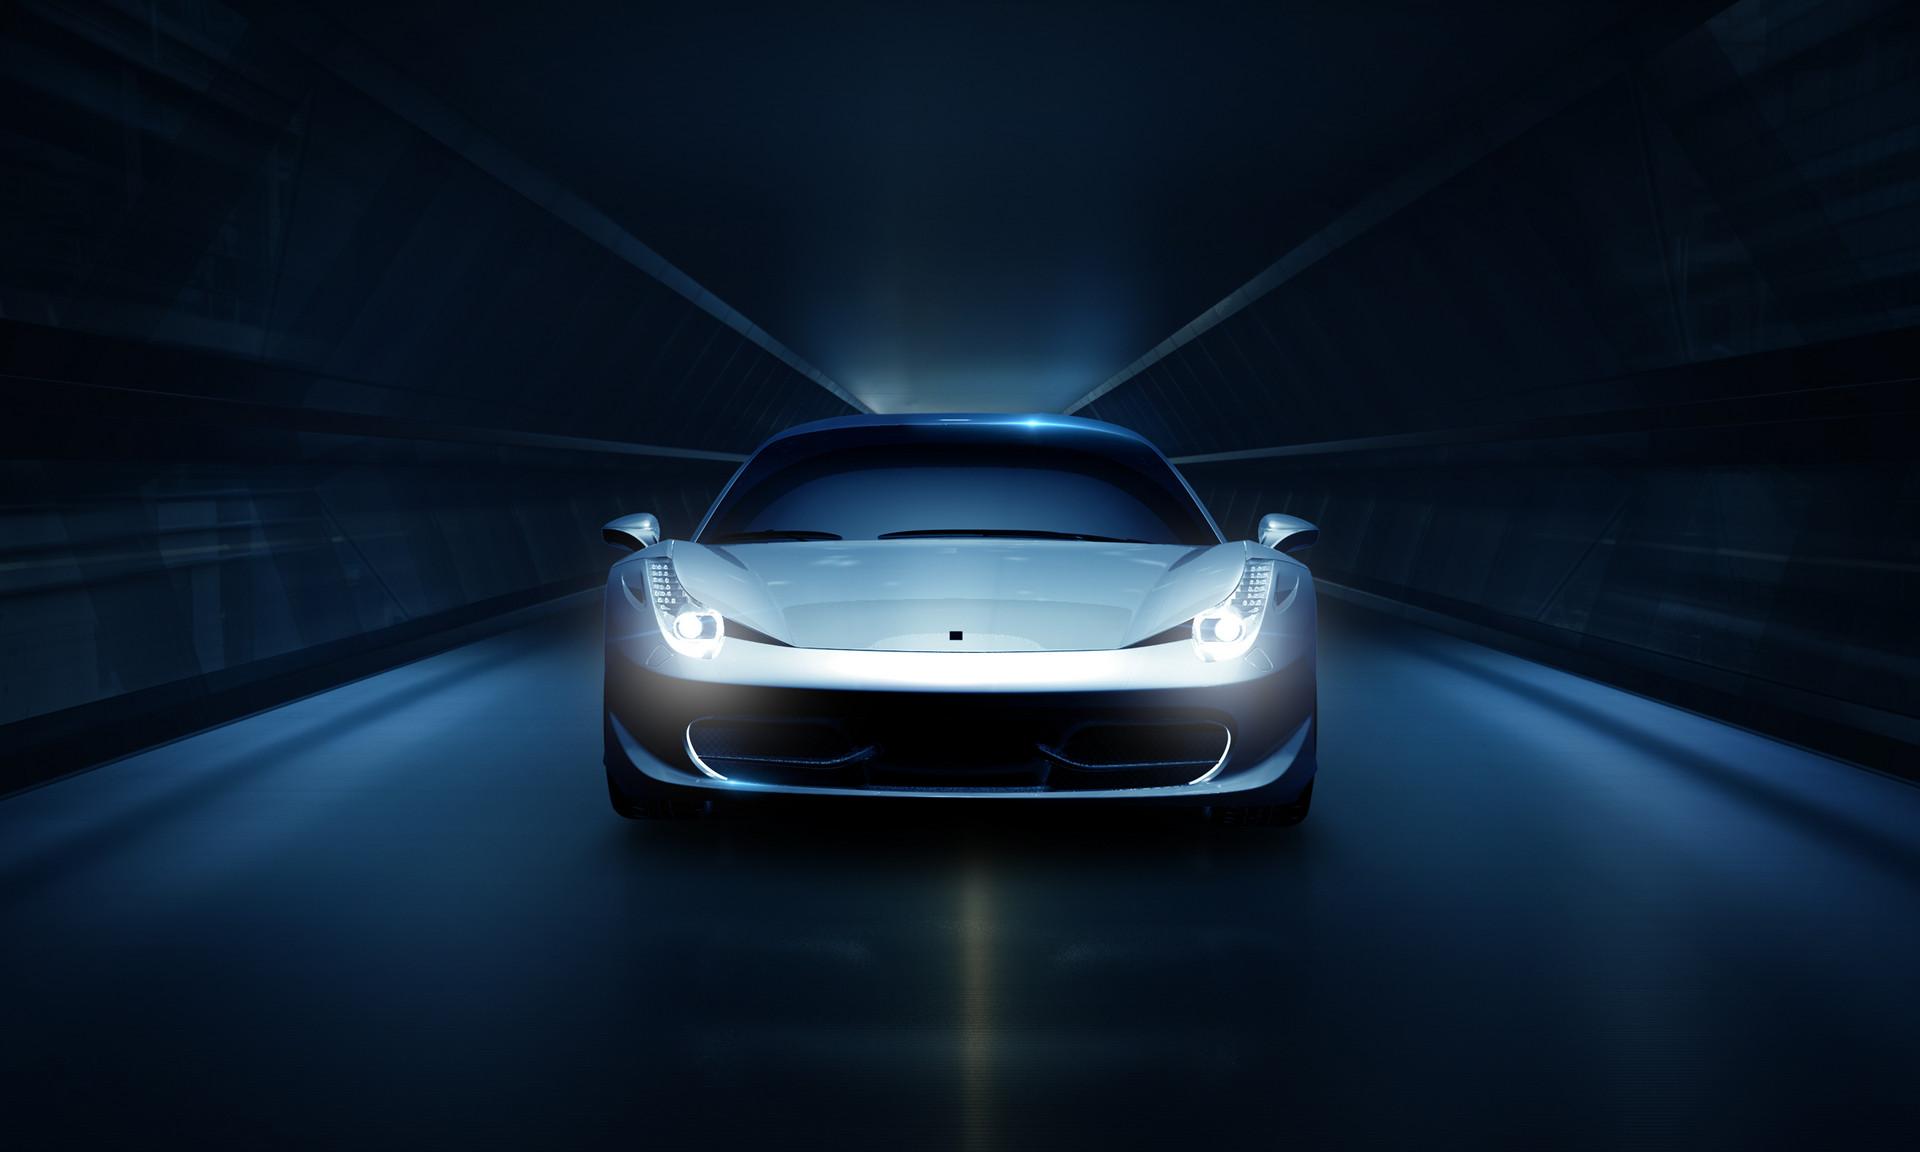 现代投资法国创企 合作研发汽车数字嗅觉传感器